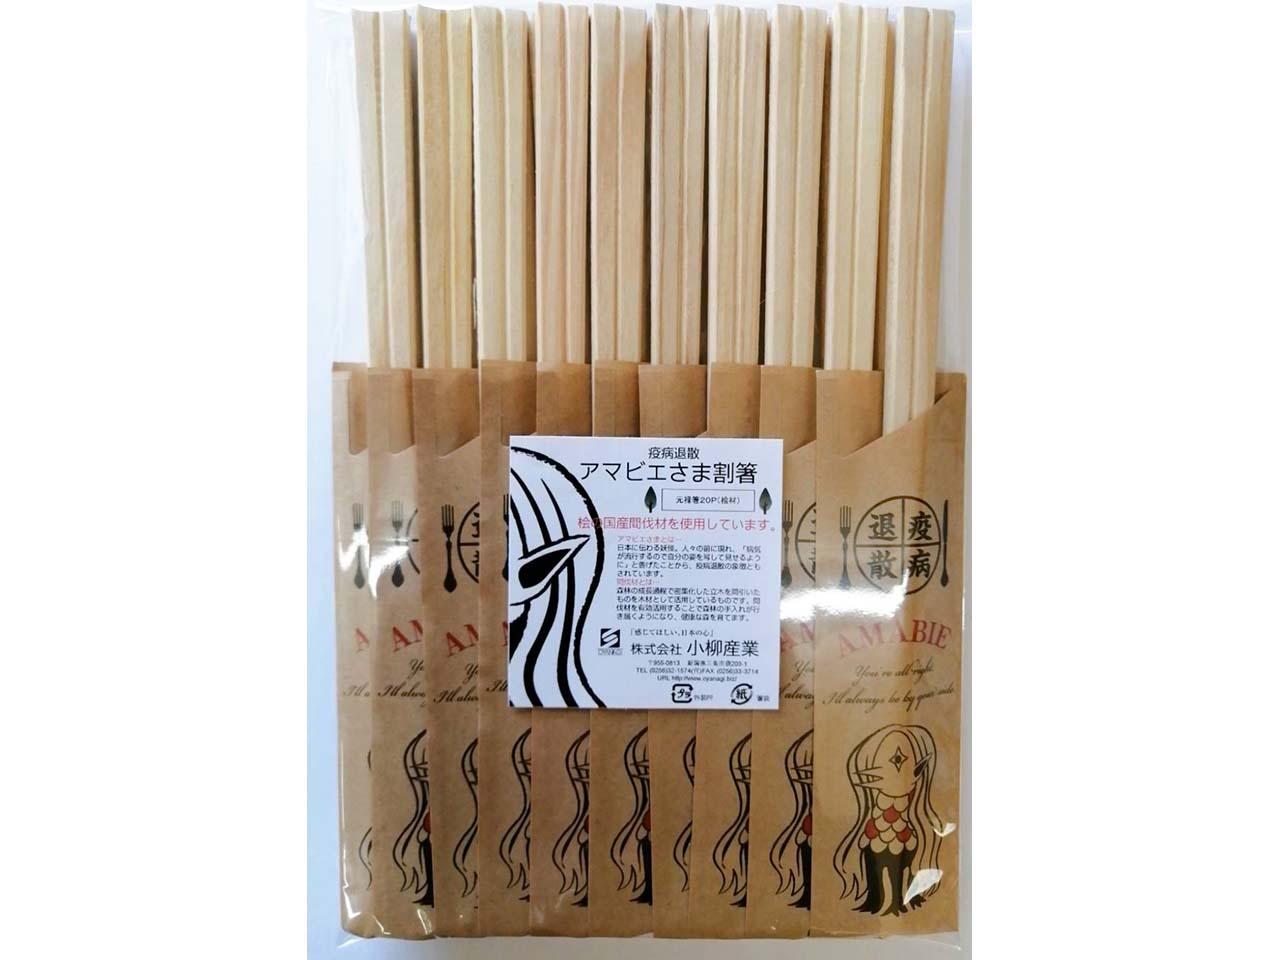 アマビエさま割箸登場!国産ヒノキの間伐材を使用です!